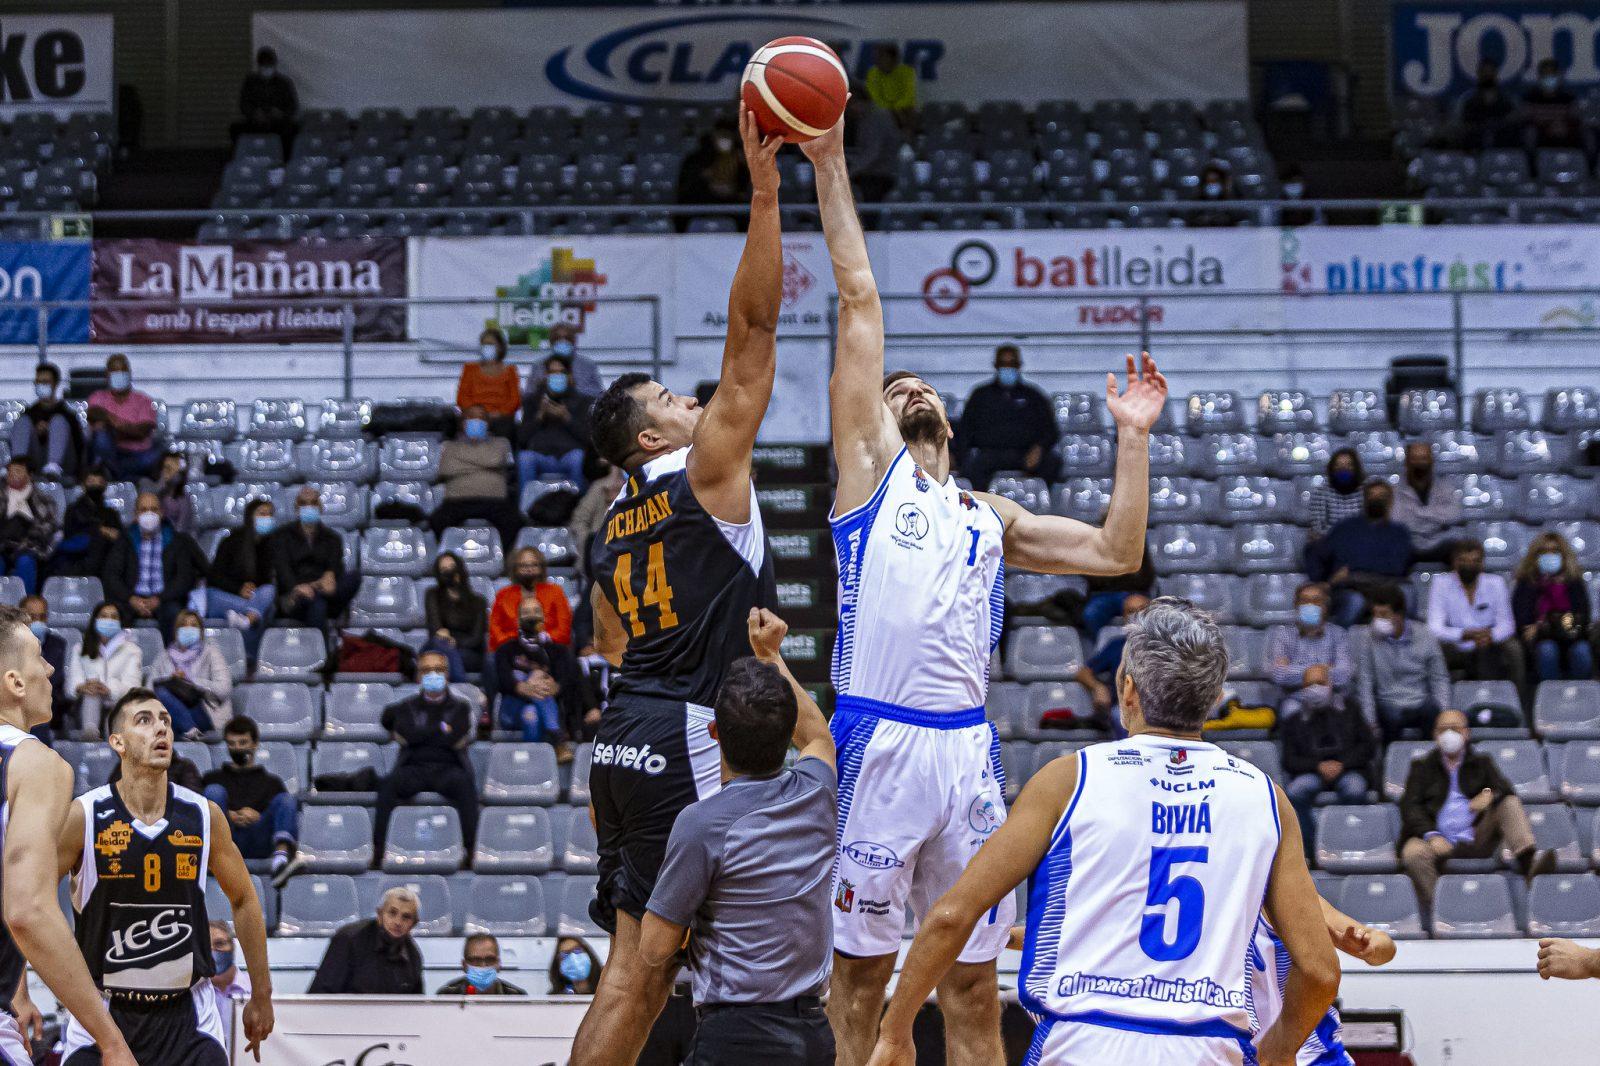 Buchanan y Bubalo en el salto inicial del ICG Força Lleida y CB Almansa con AFANION